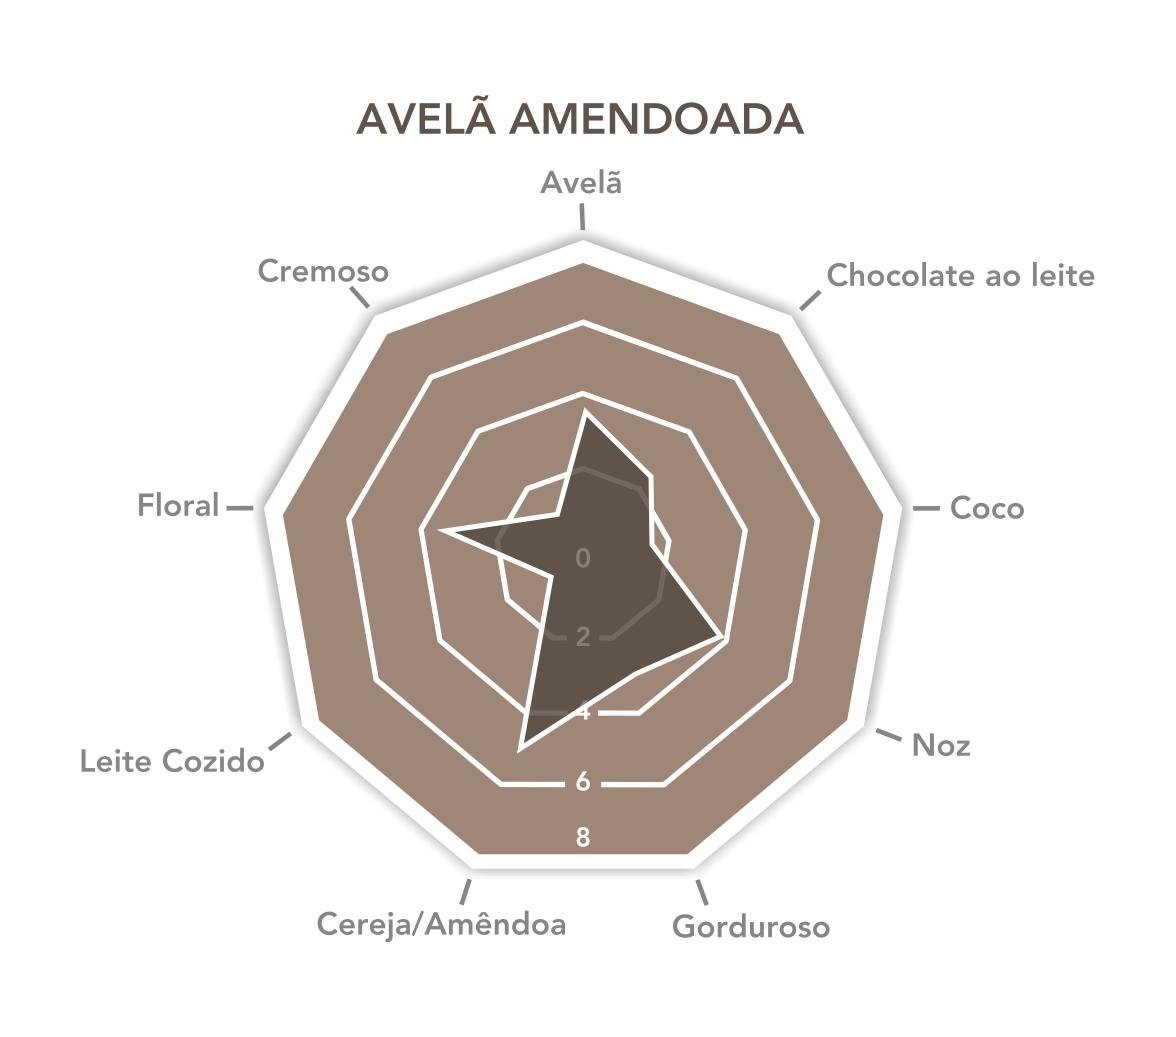 Avelã Amendoada